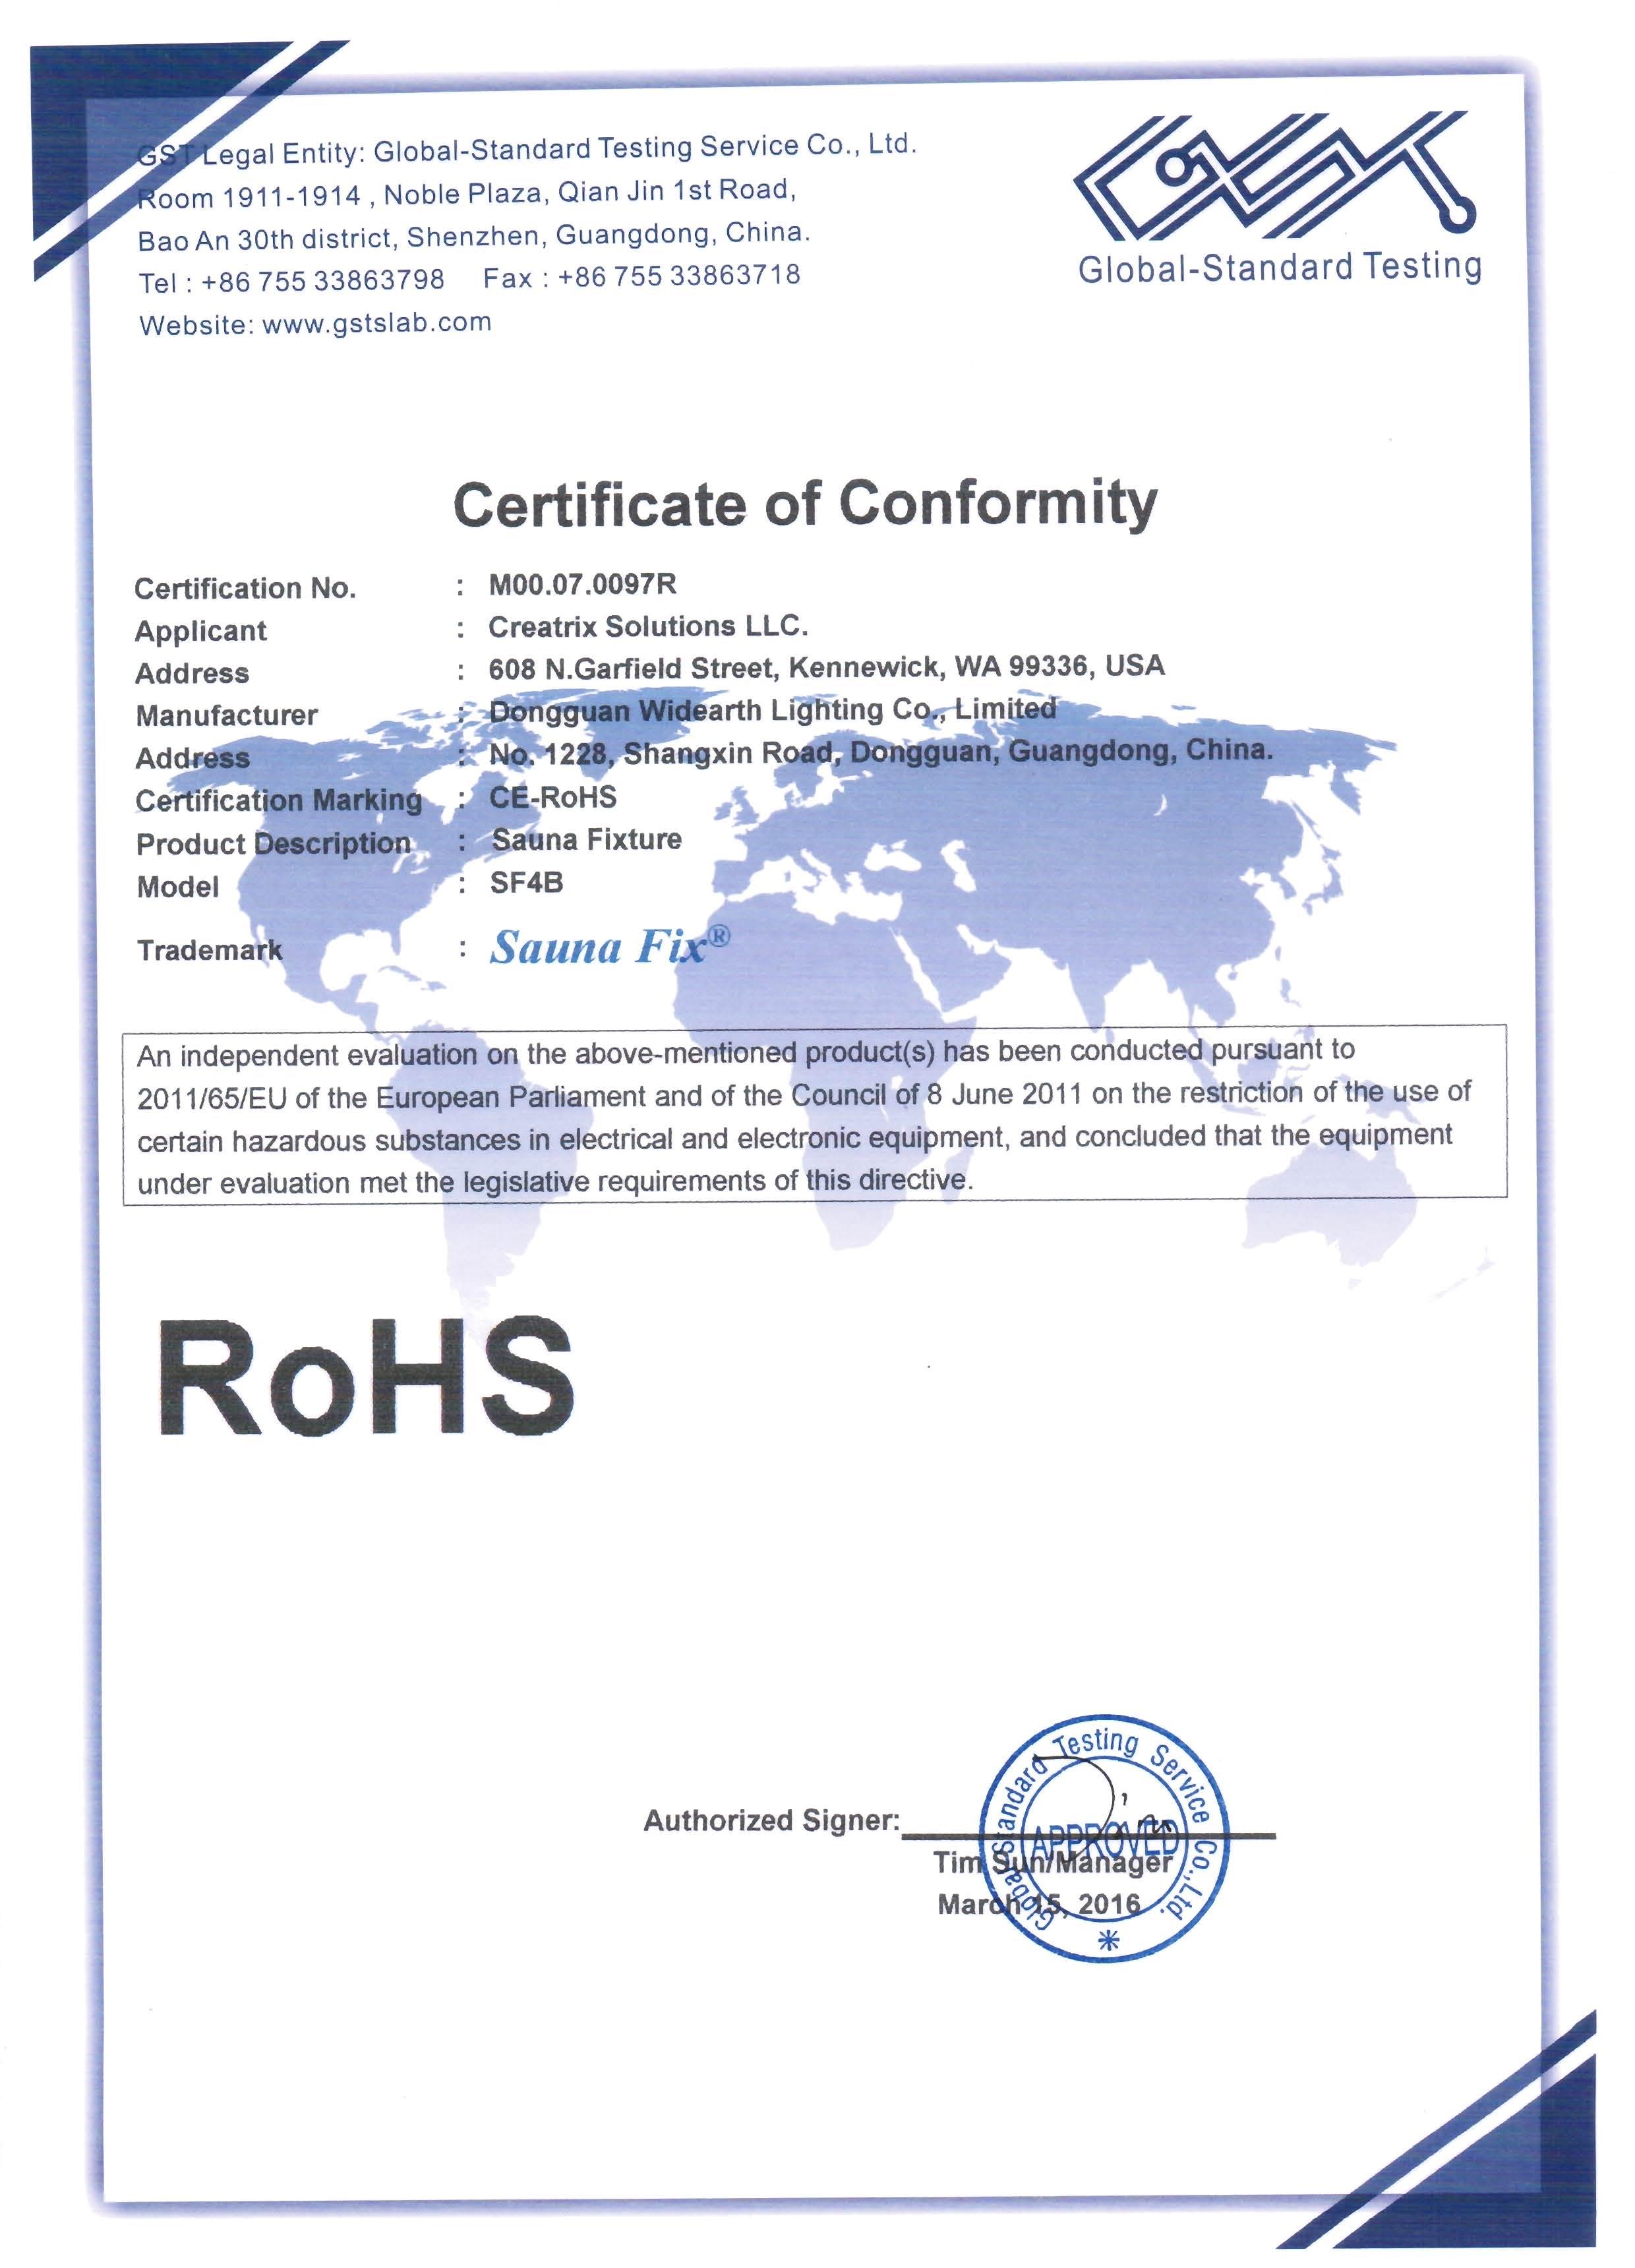 Sauna Fix EU ROHS Certificate